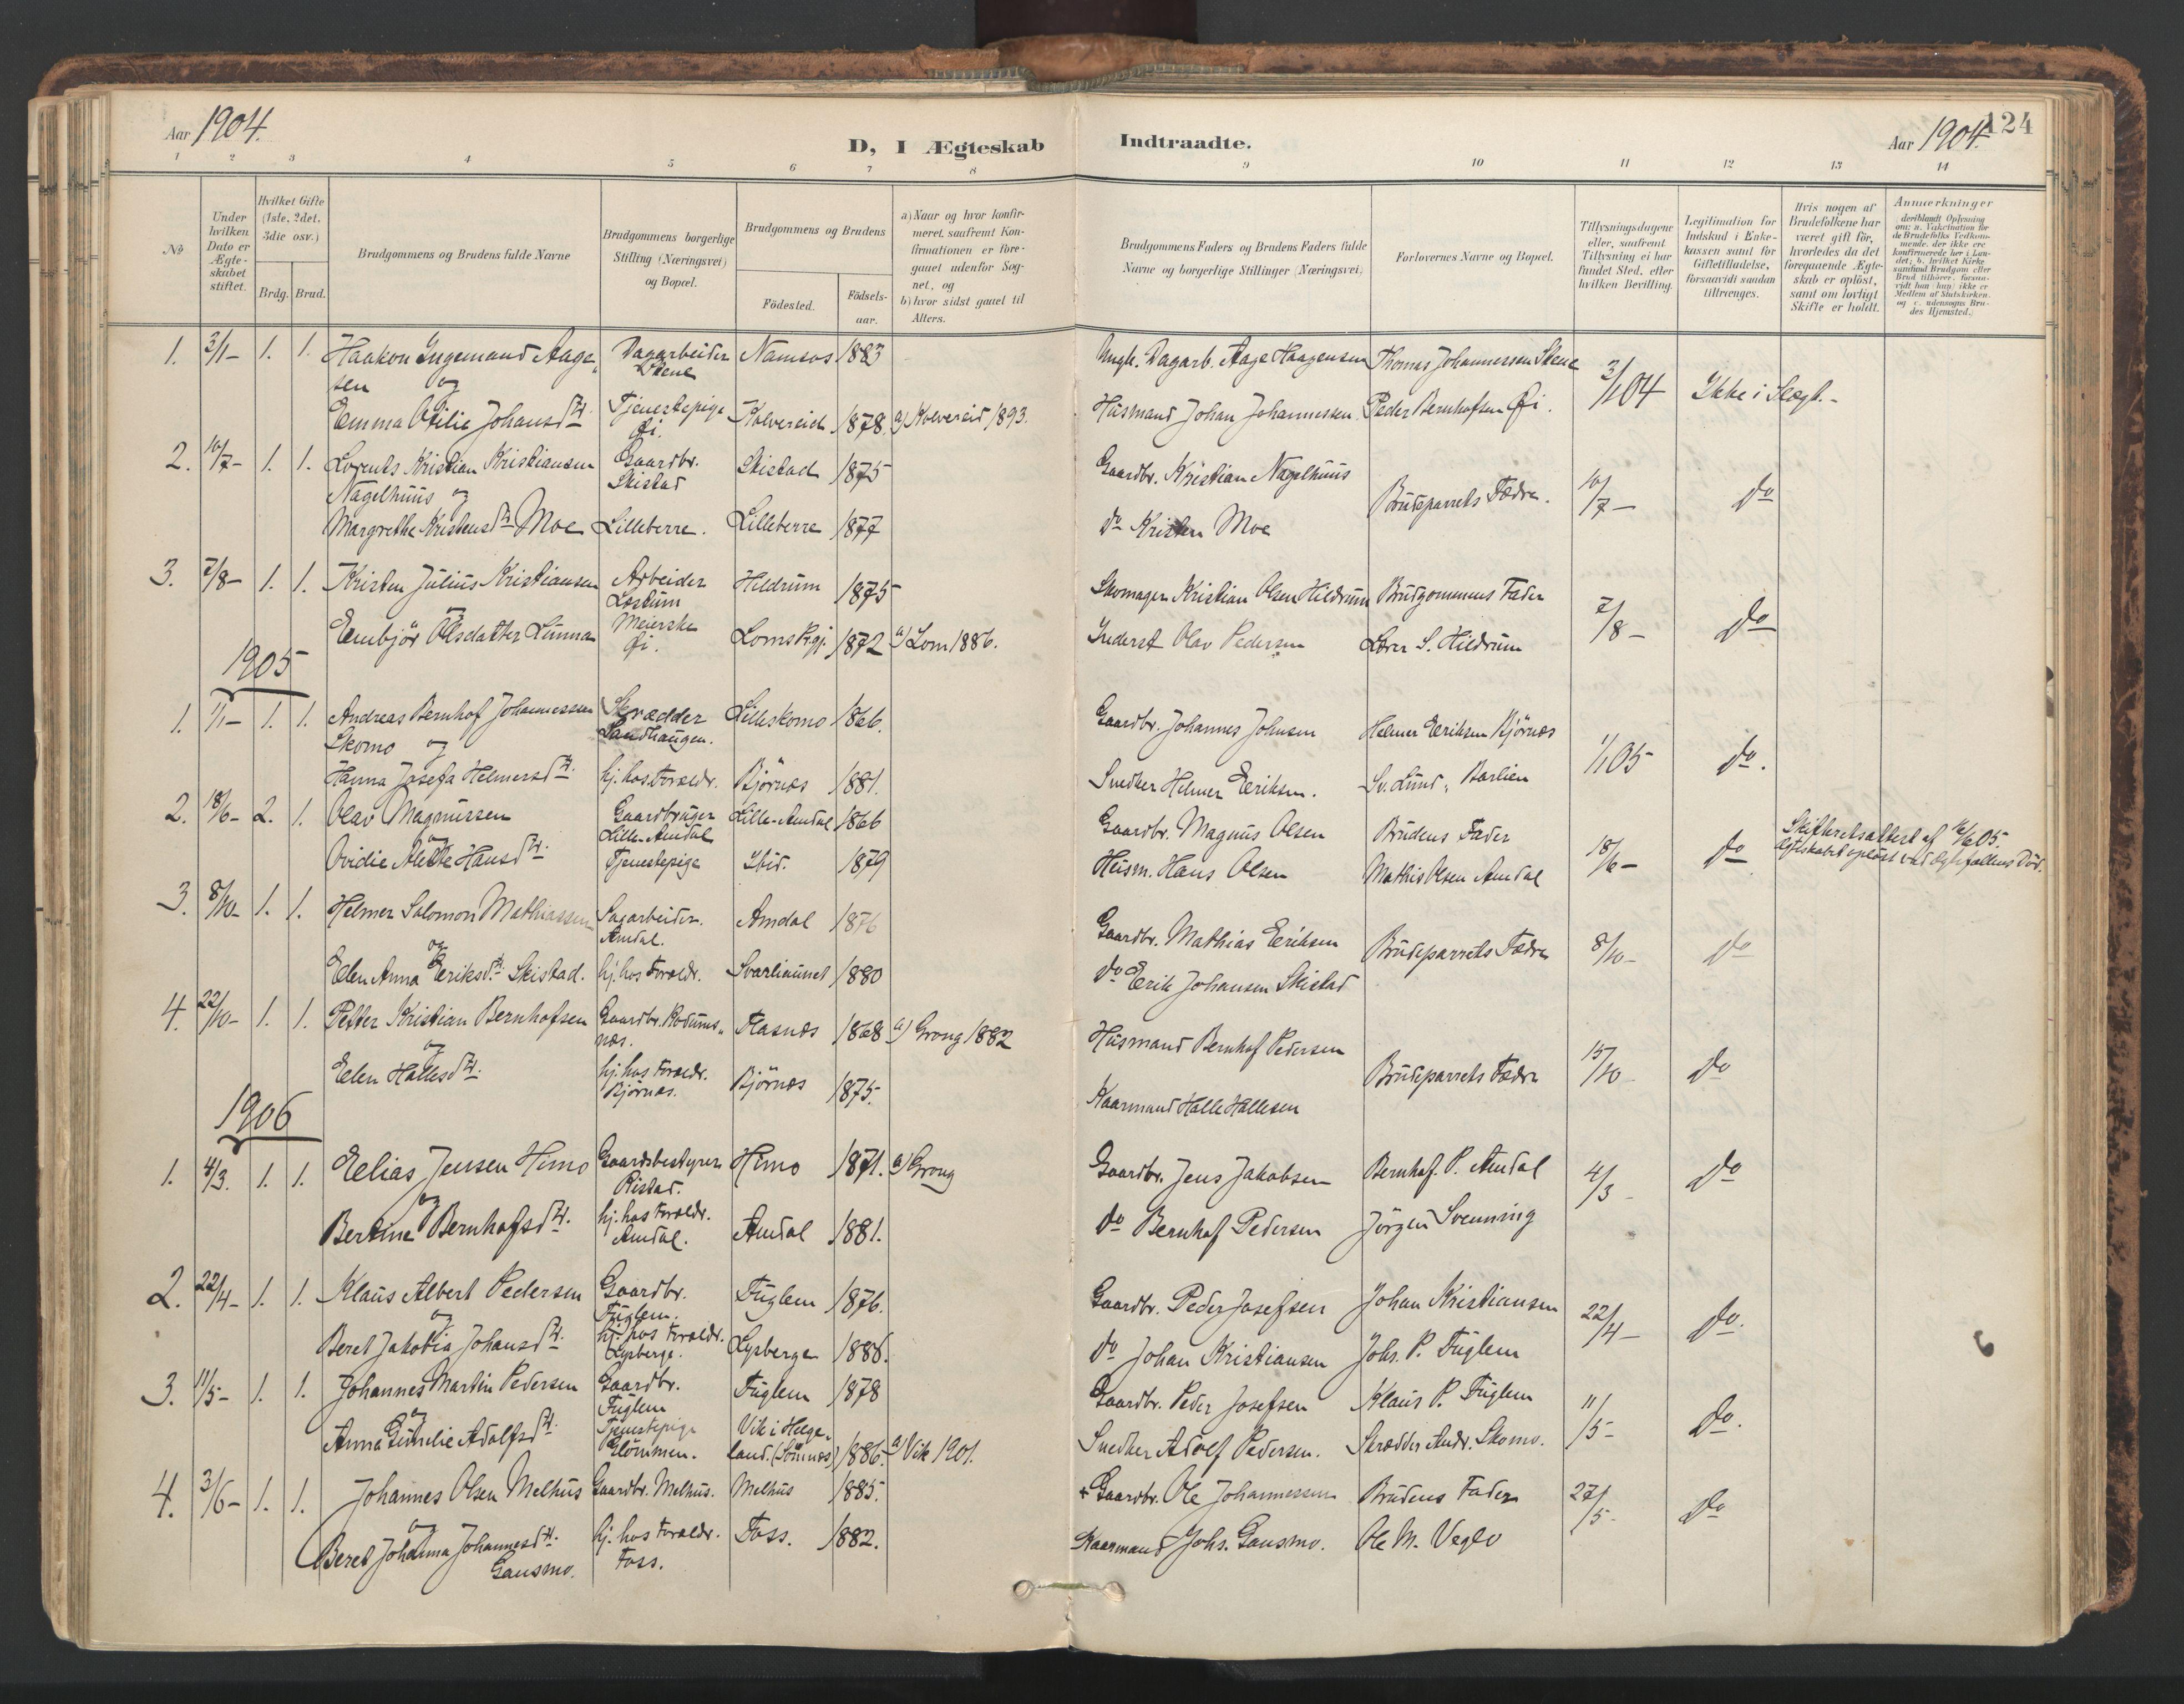 SAT, Ministerialprotokoller, klokkerbøker og fødselsregistre - Nord-Trøndelag, 764/L0556: Ministerialbok nr. 764A11, 1897-1924, s. 124